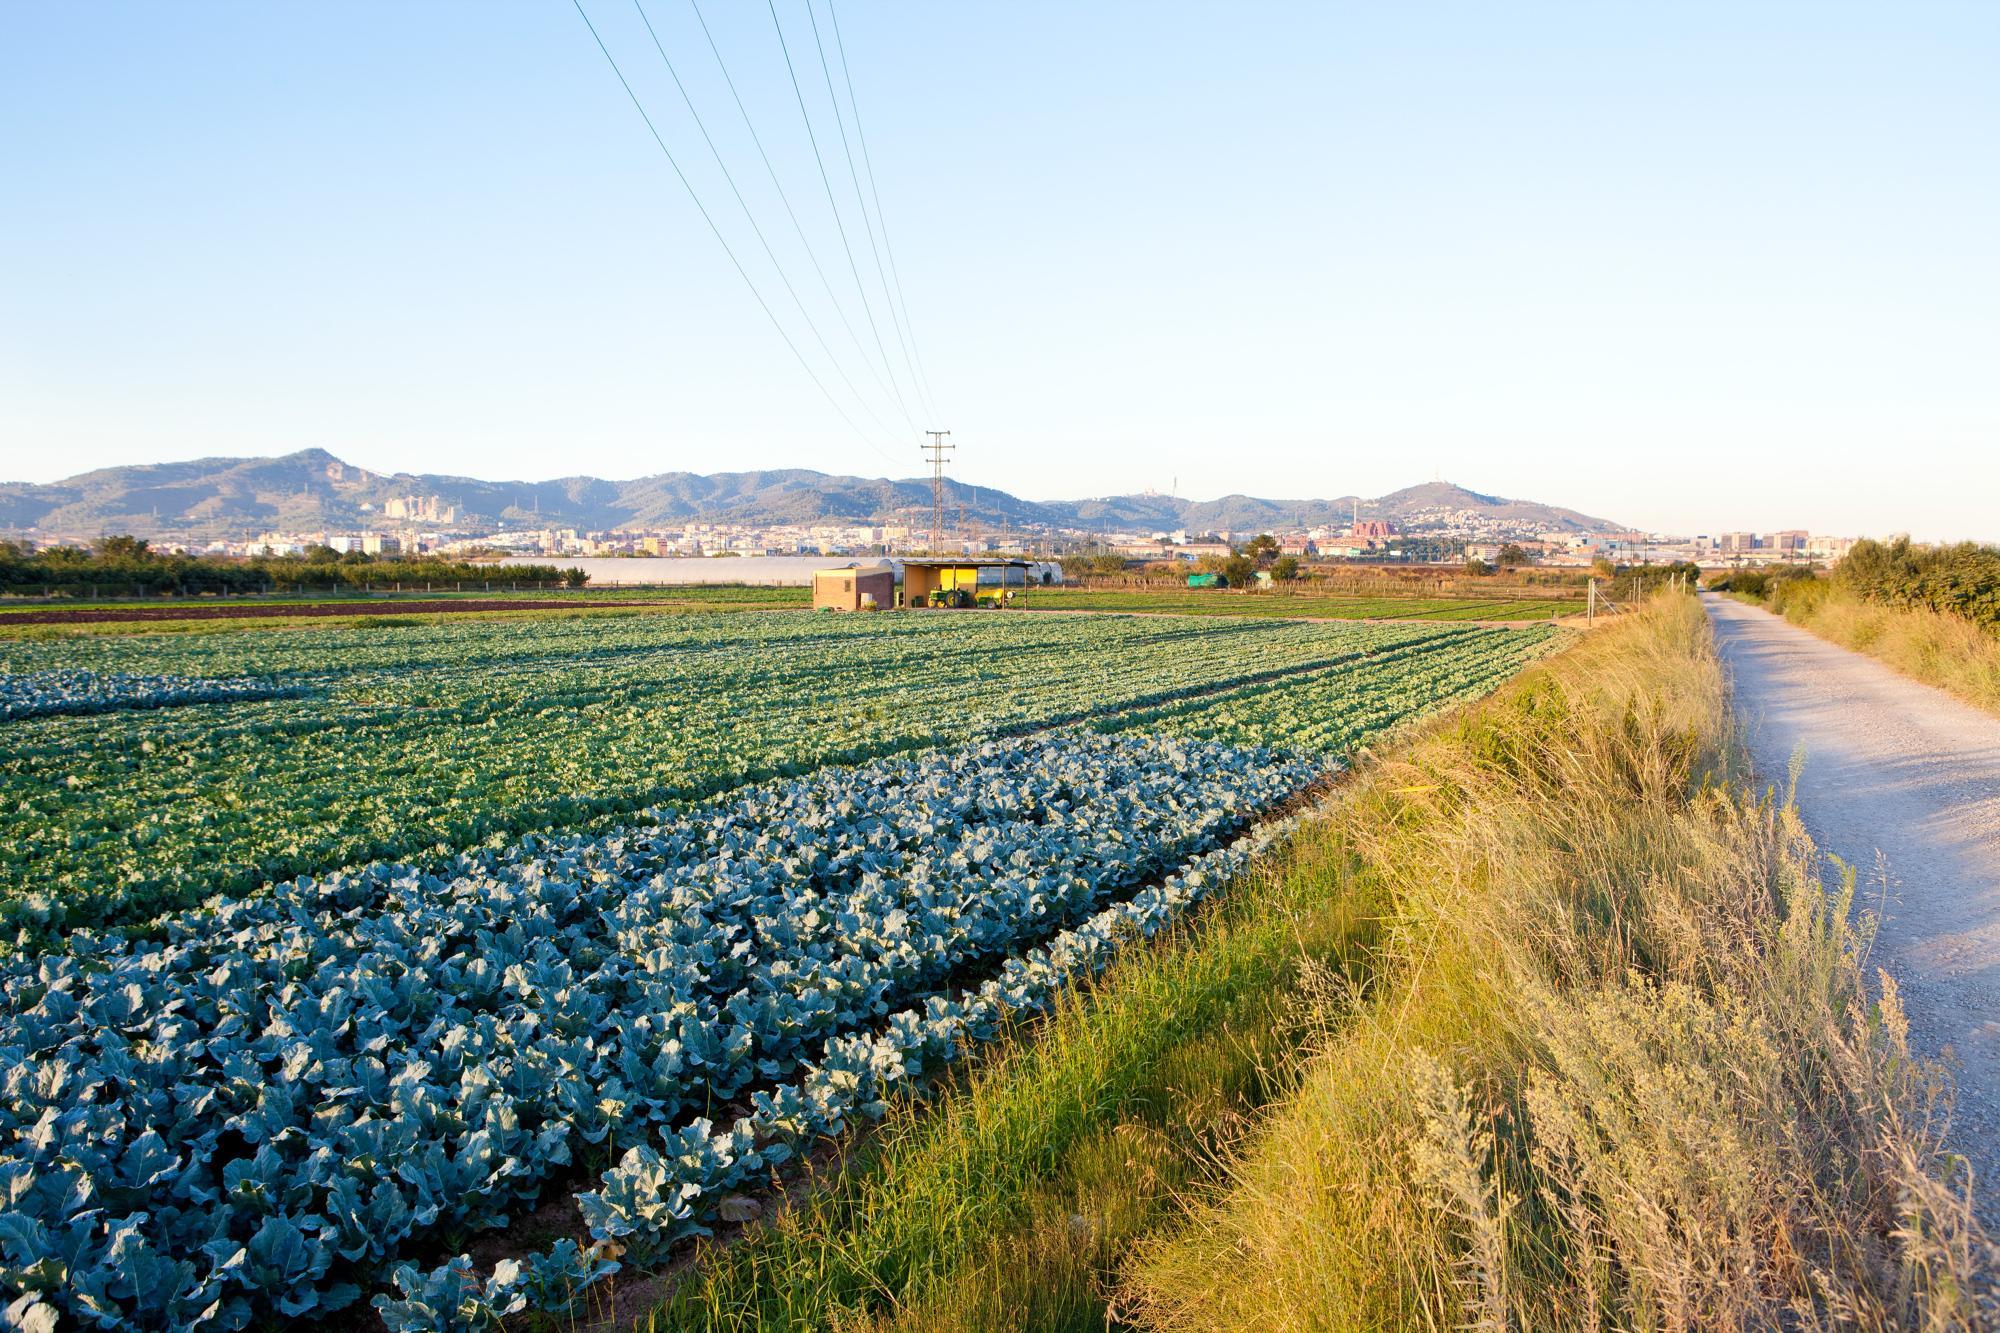 Parc Agrari del Baix Llobregat. Autor: Jordi Salinas. Derechos de explotación: AMB